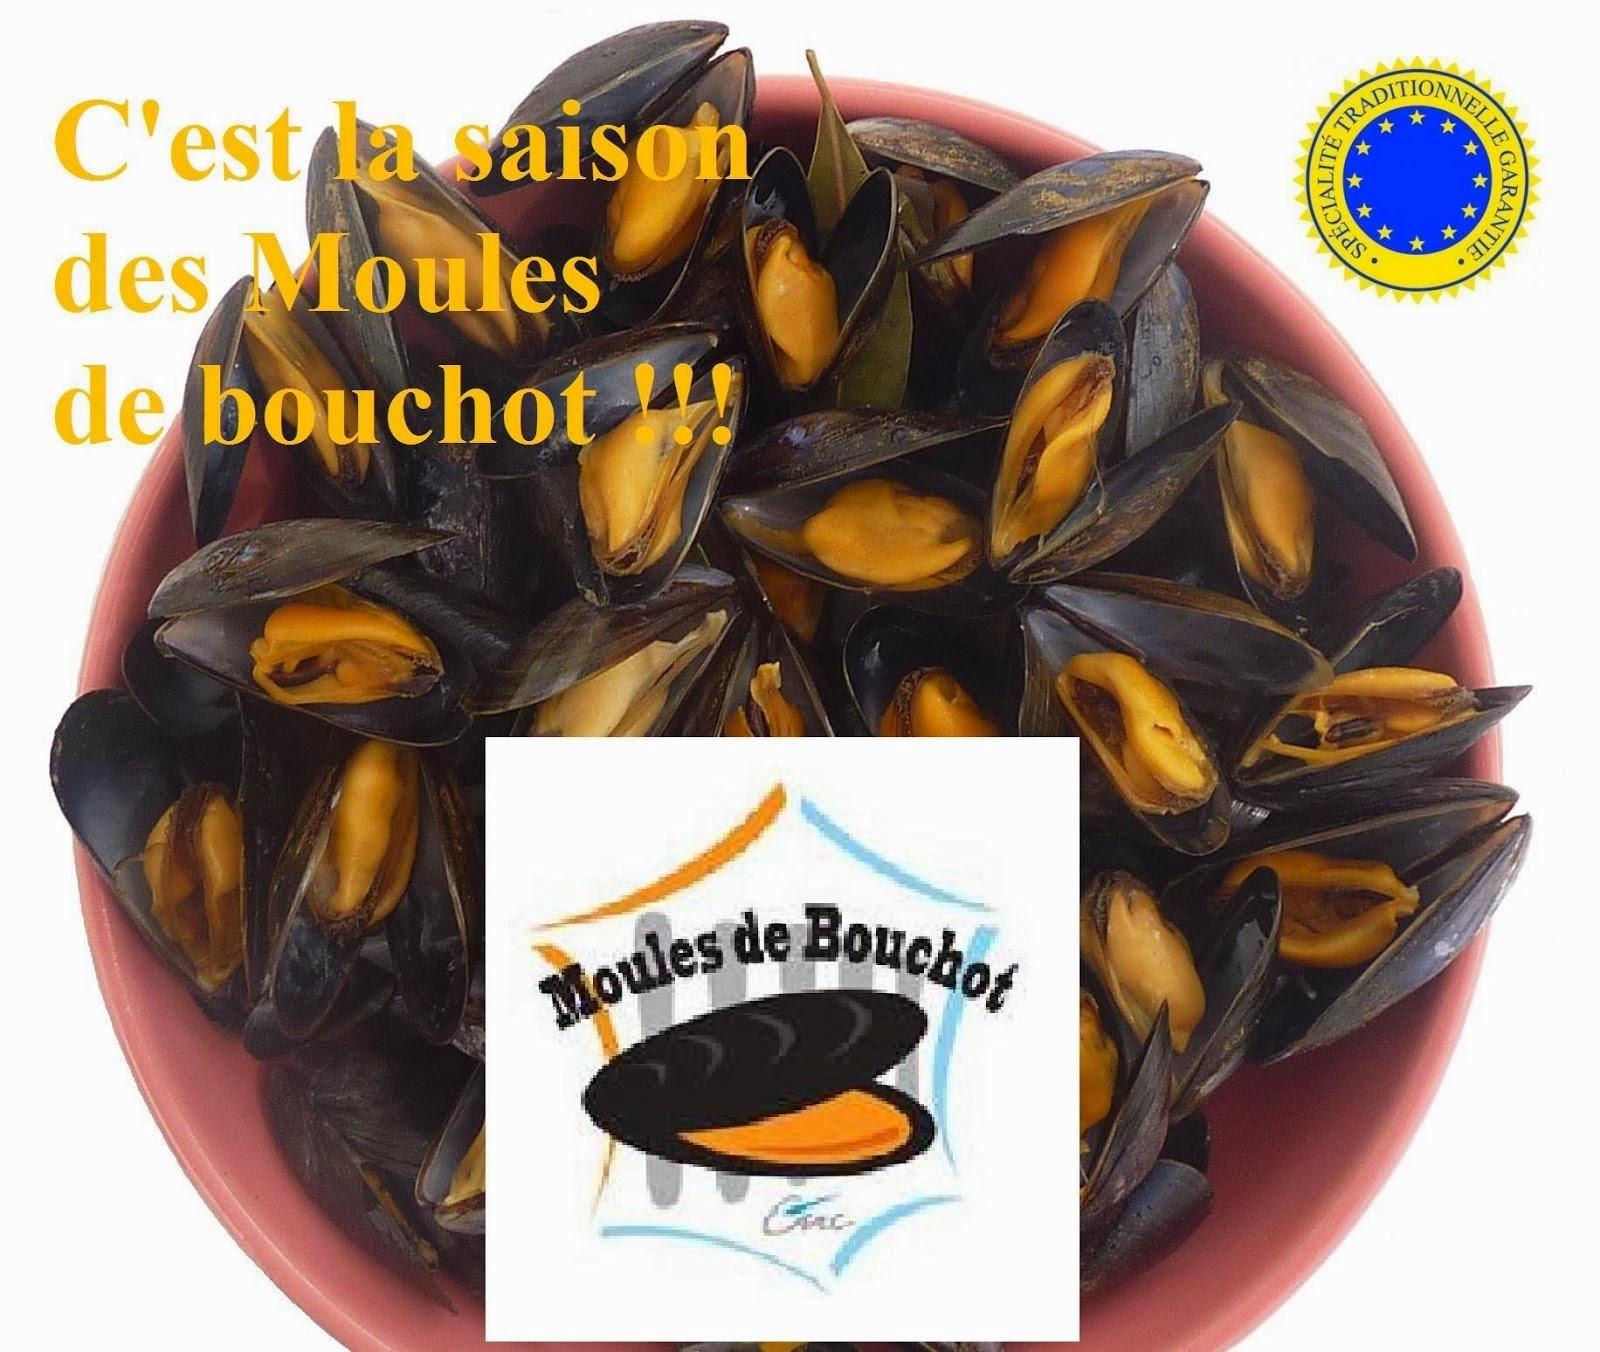 16e62e5ba21 Moule de Bouchot : Recettes du succès des moules marinières